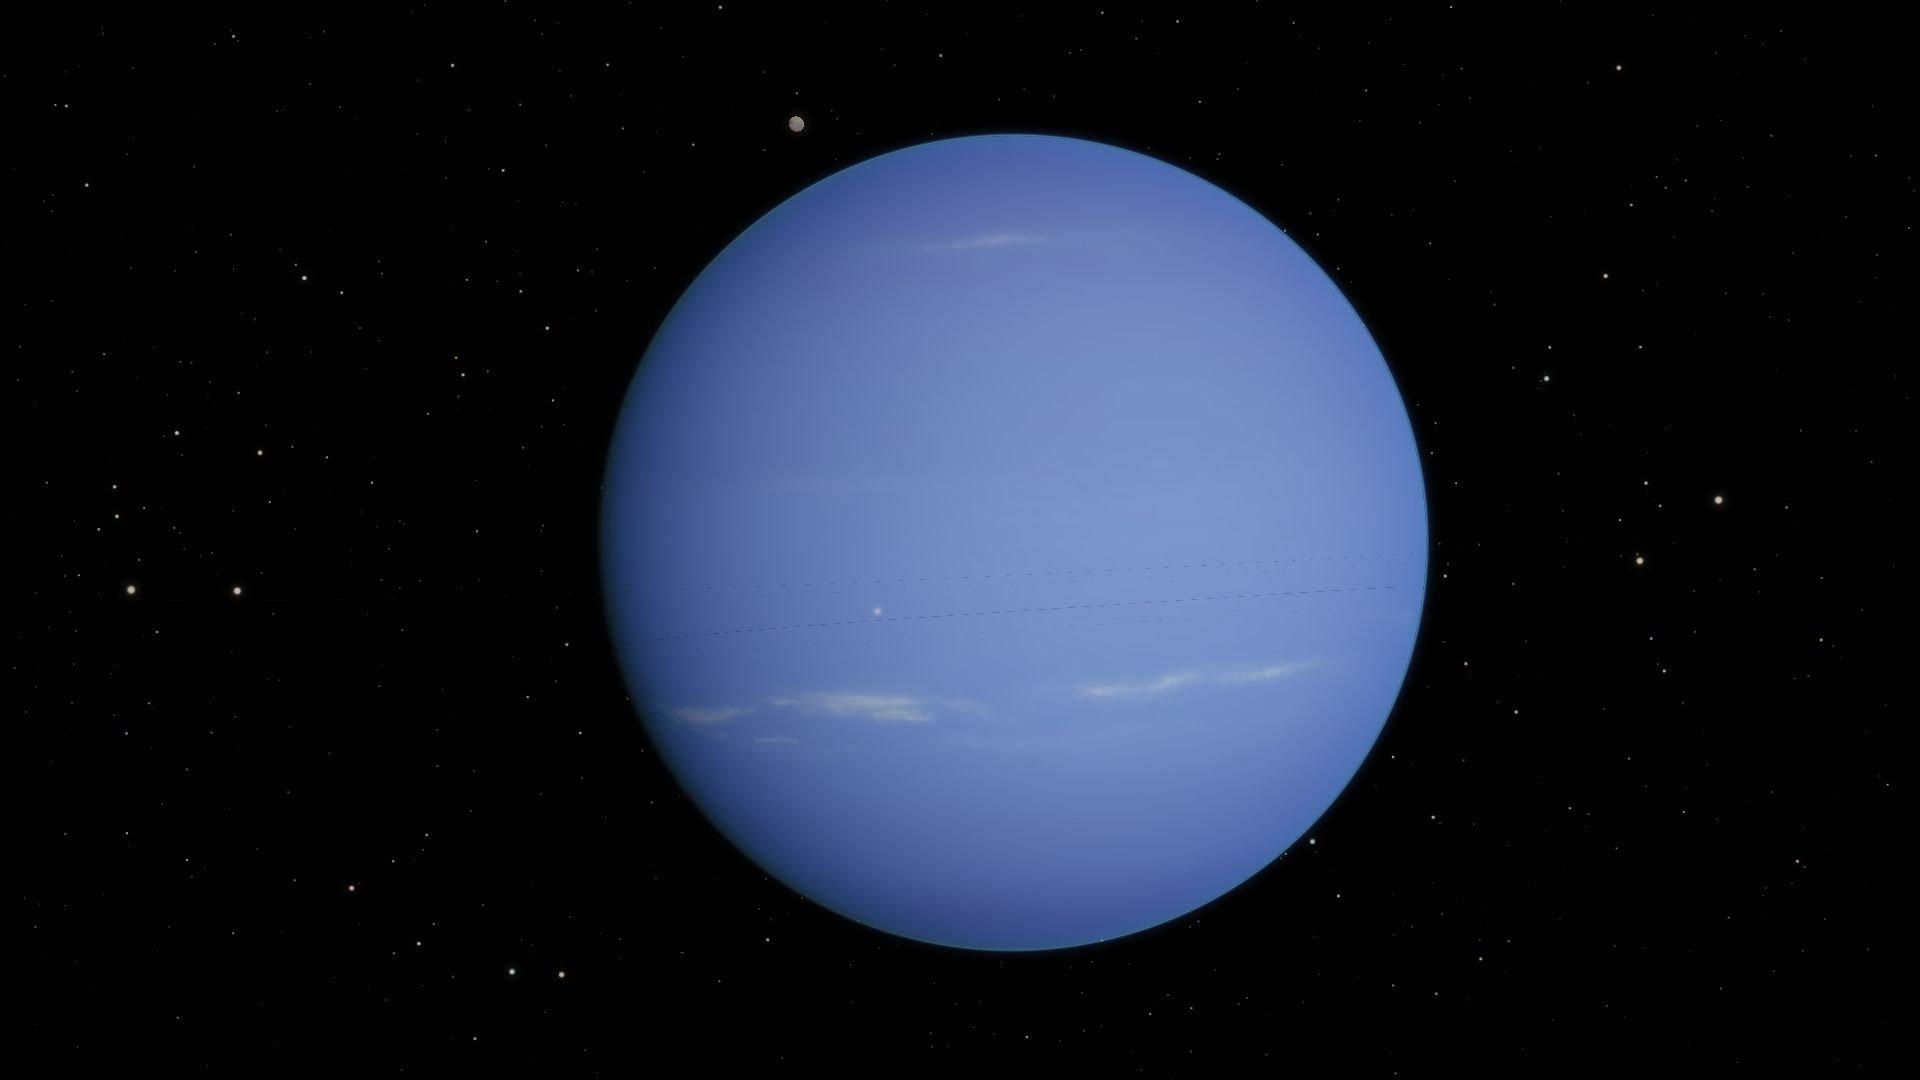 Планета нептун обои для рабочего стола